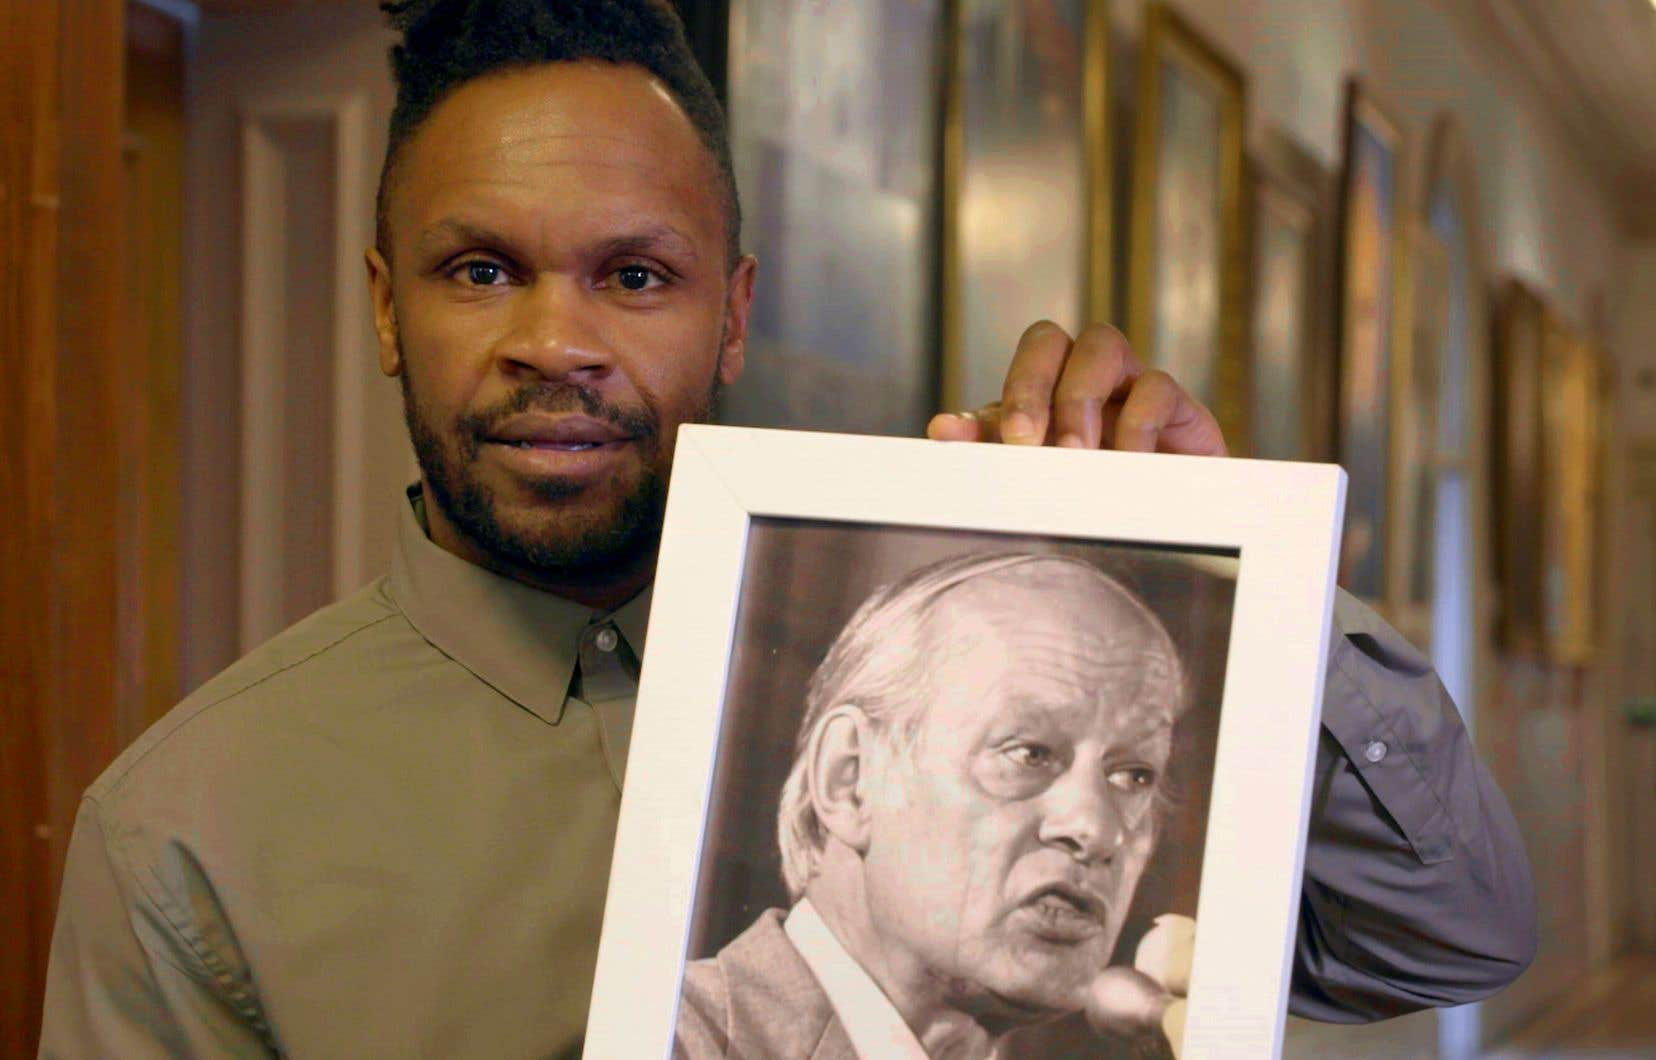 Pierre-Yves Lord partira sur les traces de René Lévesque, Réal Béland sur celles du lutteur Mad Dog Vachon.